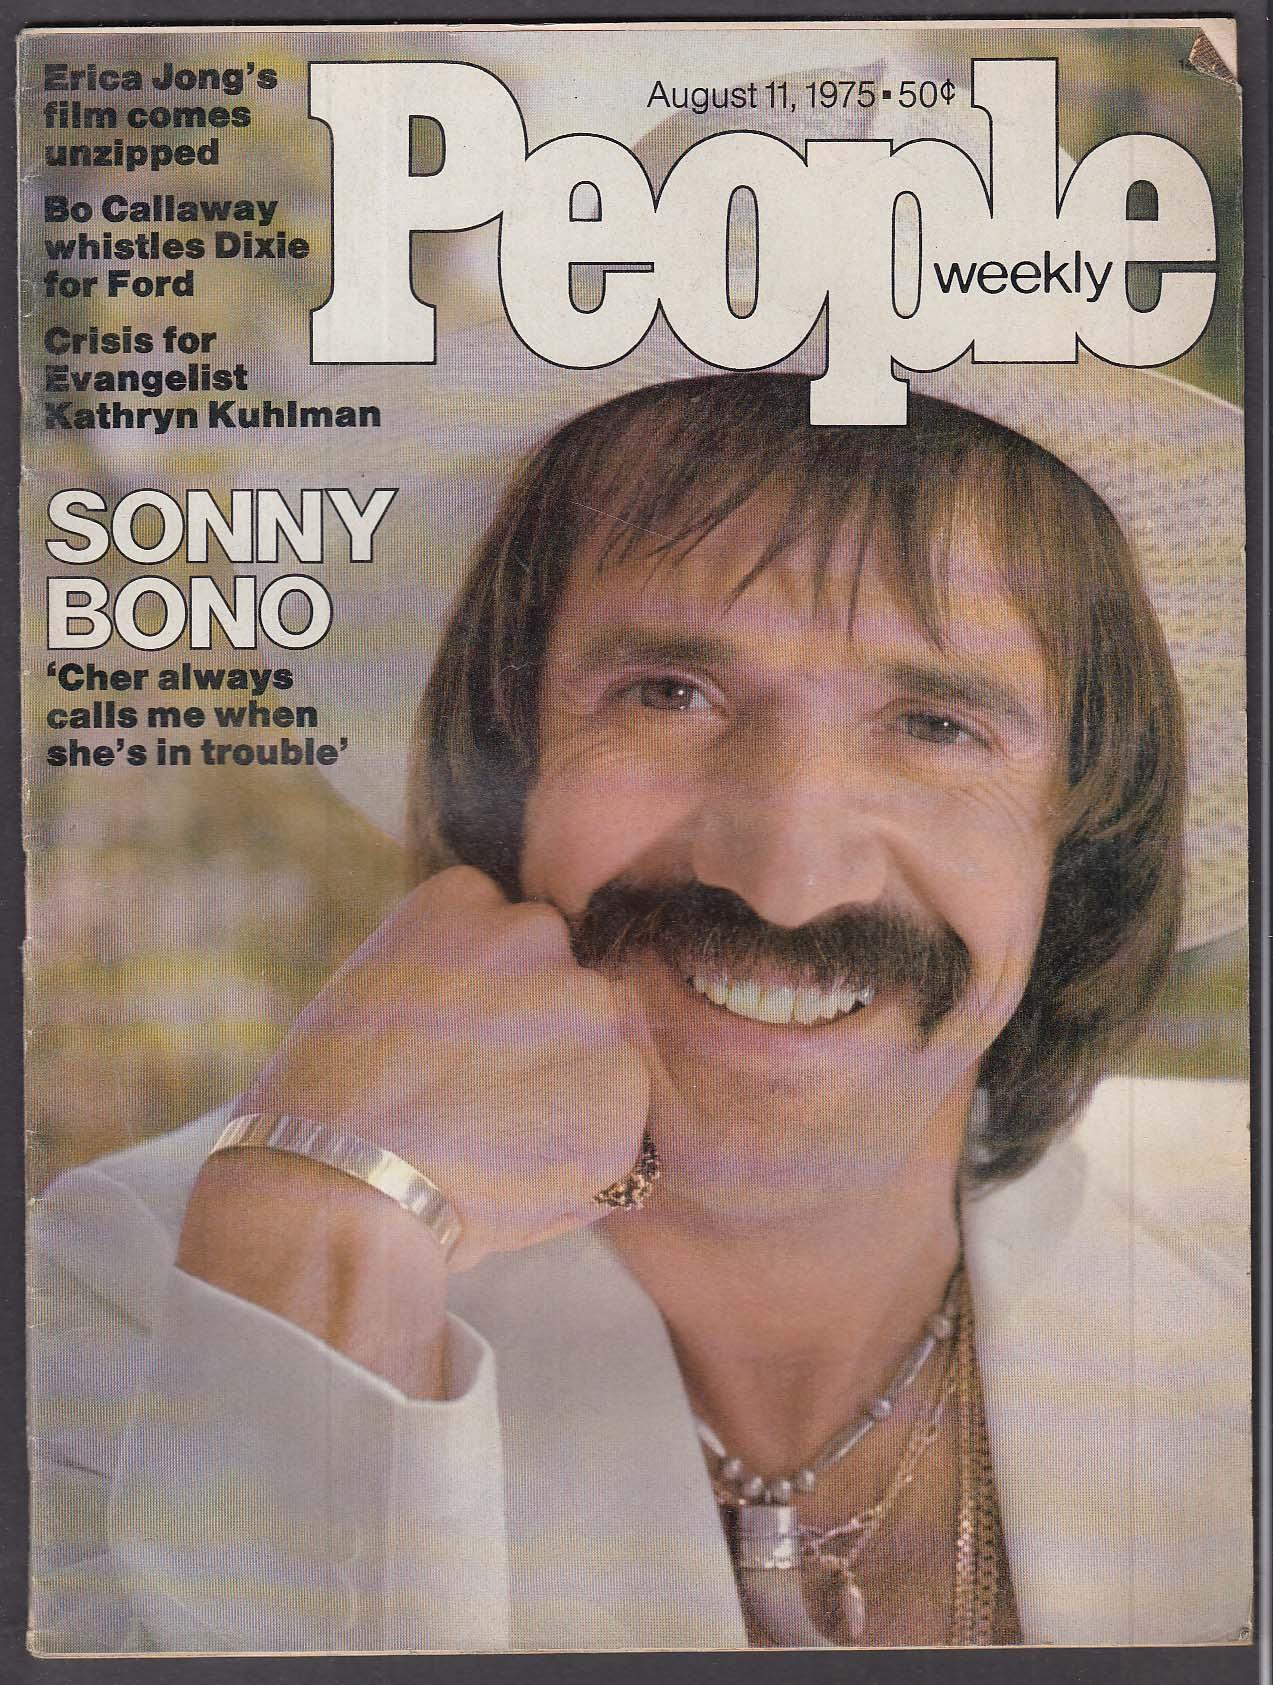 PEOPLE Sonny Bono Erica Jong Bo Callaway Kathryn Kuhlman + 8/11 1975